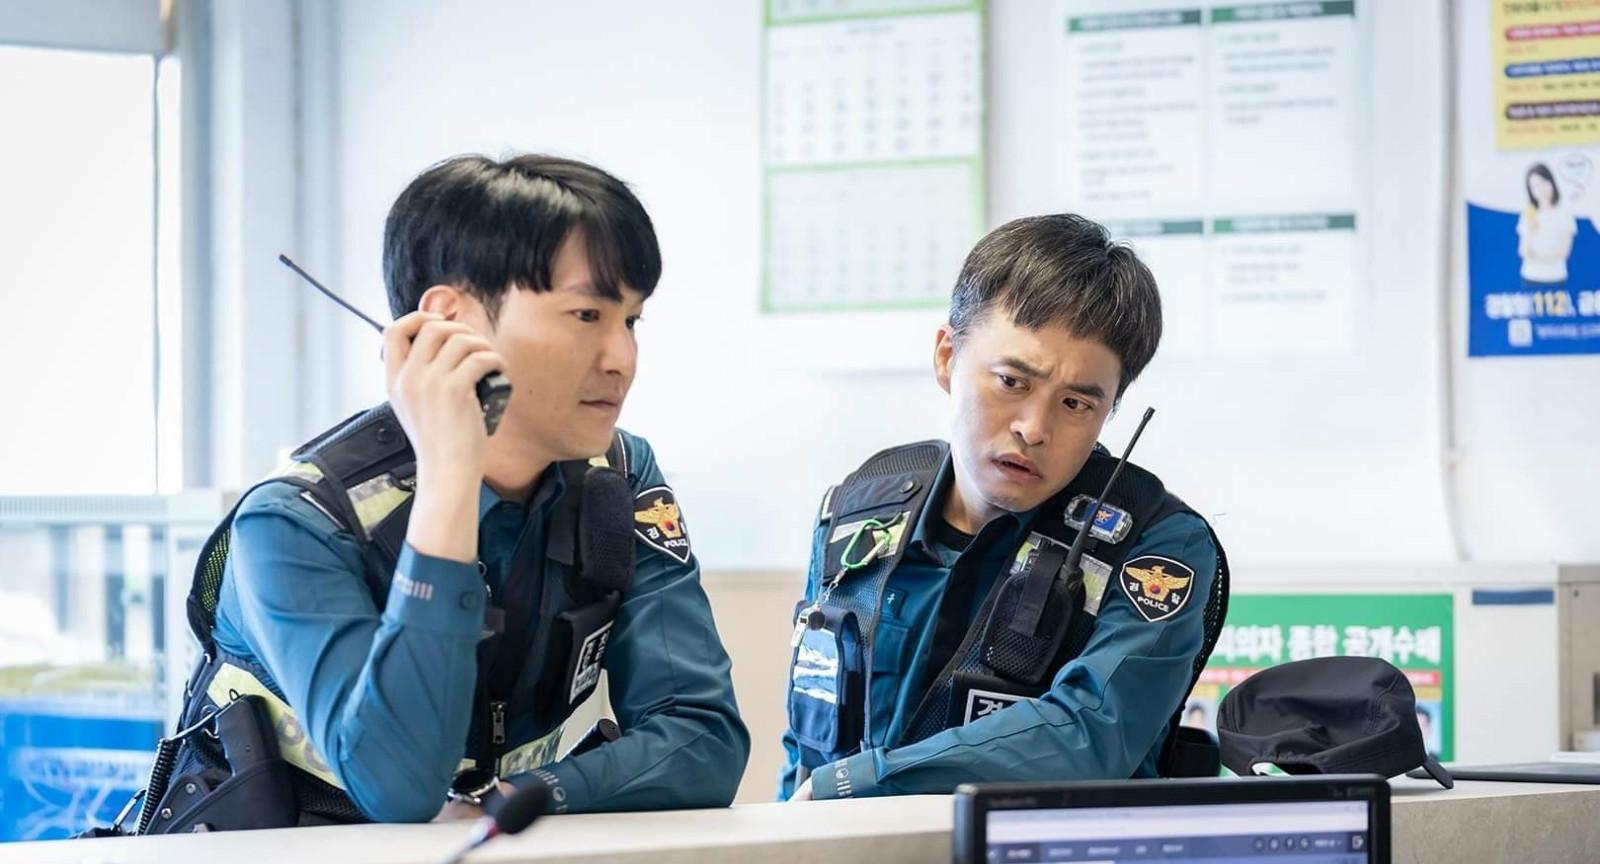 吕珍九申河均《怪物》首播,《新世界》气象,破案剧版谁是小红袄